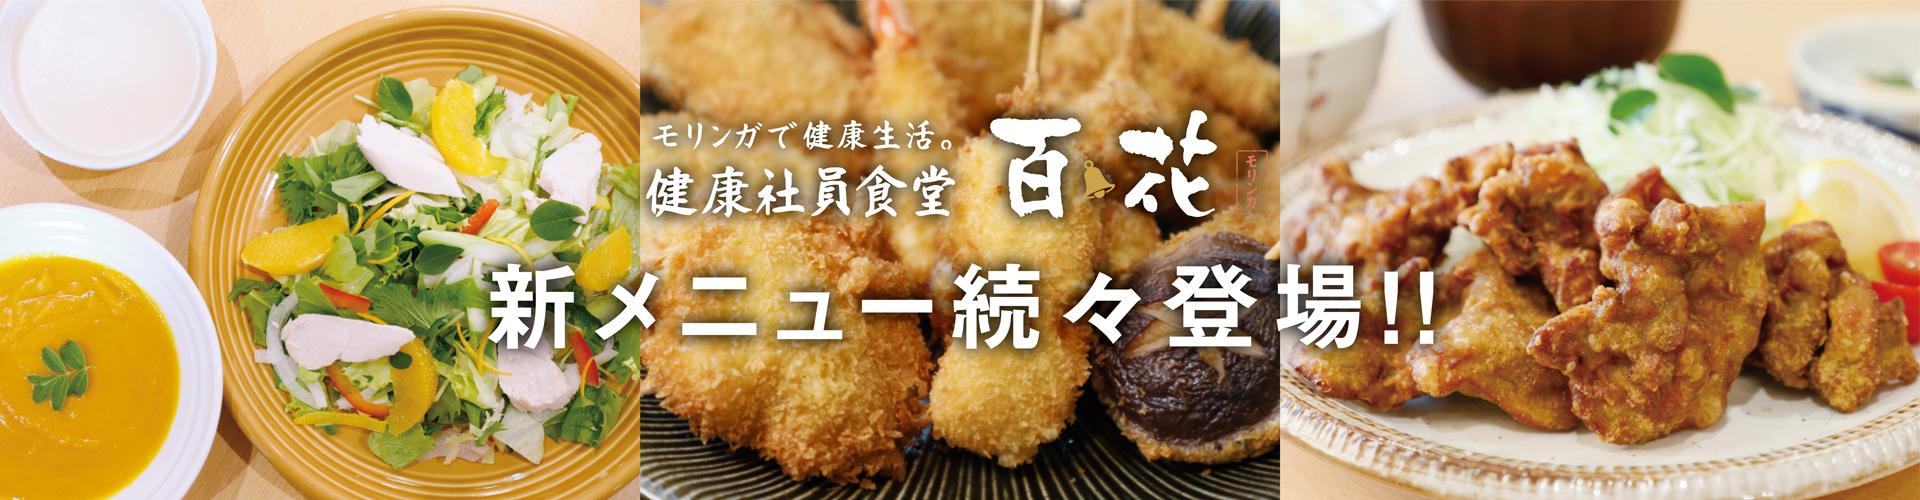 百花(モリンガ)新メニュー続々登場!